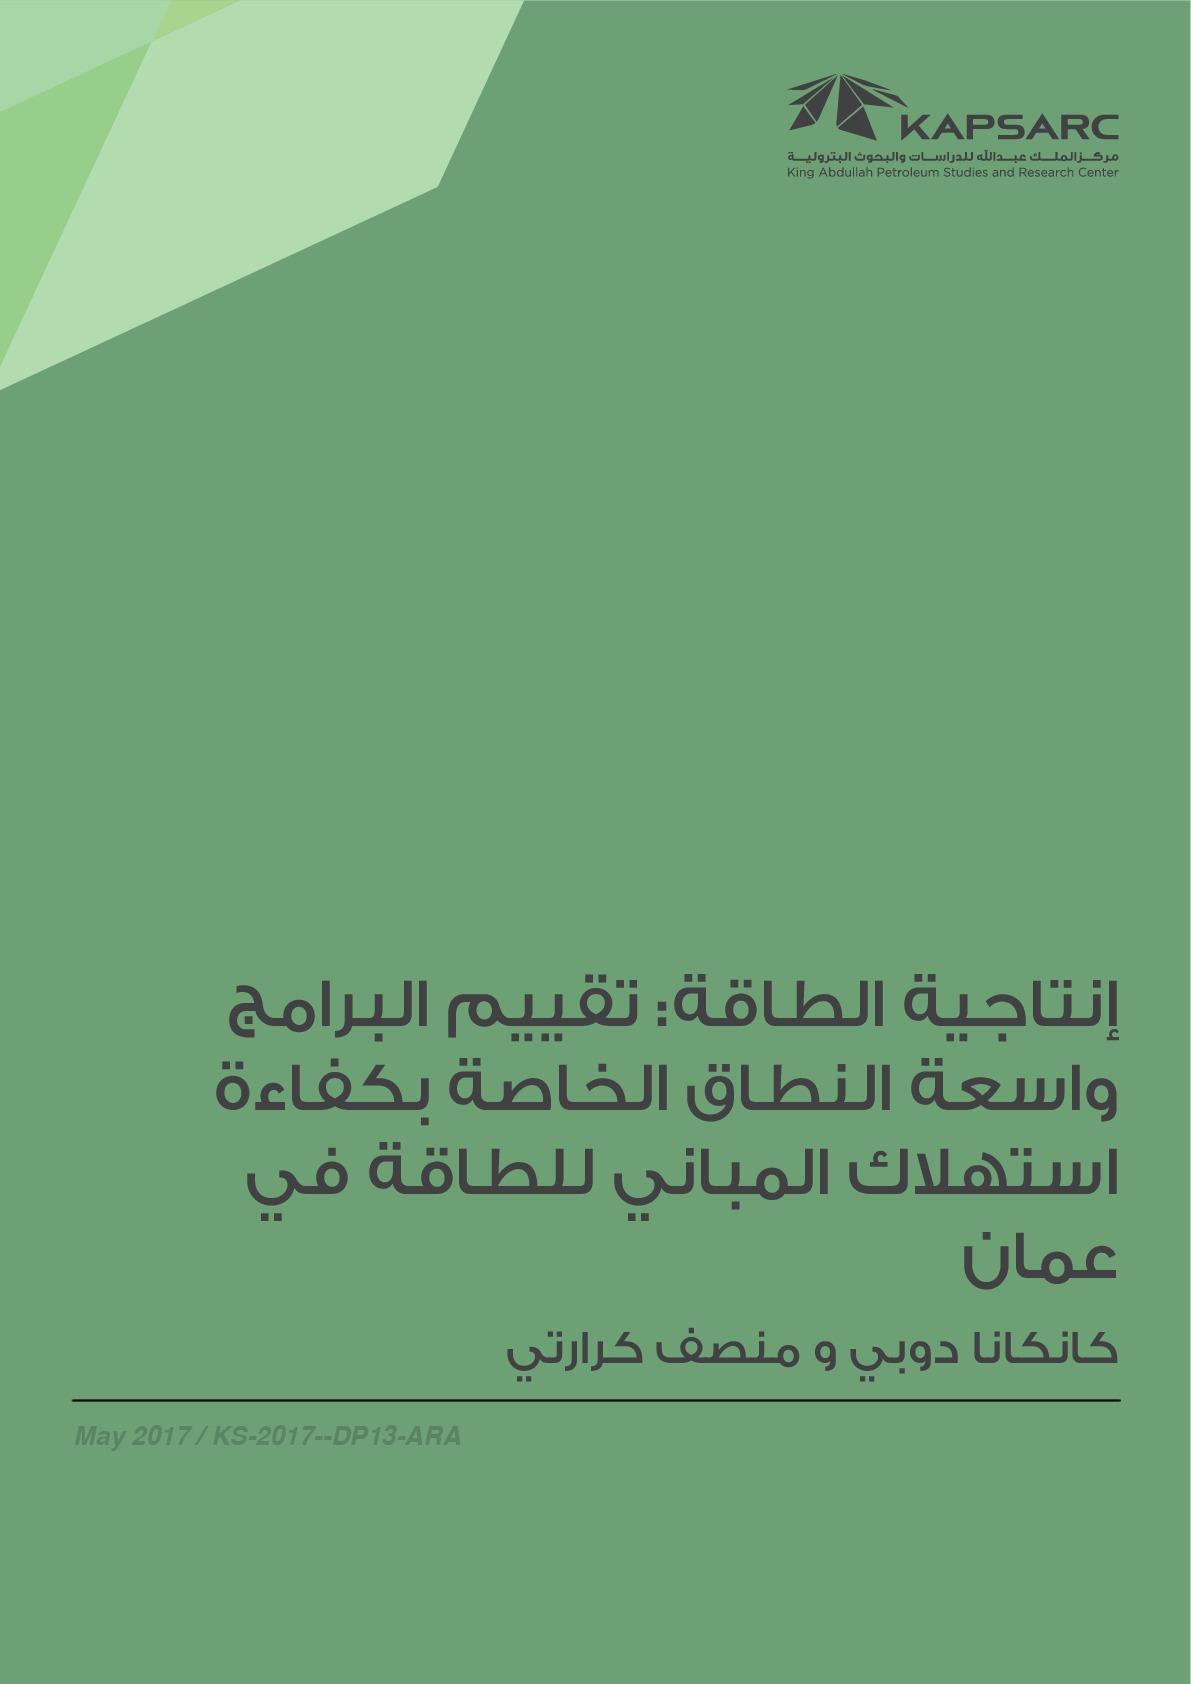 إنتاجية الطاقة: تقييم البرامجواسعة النطاق الخاصة بكفاءةاستهلاك المباني للطاقة فيعمان